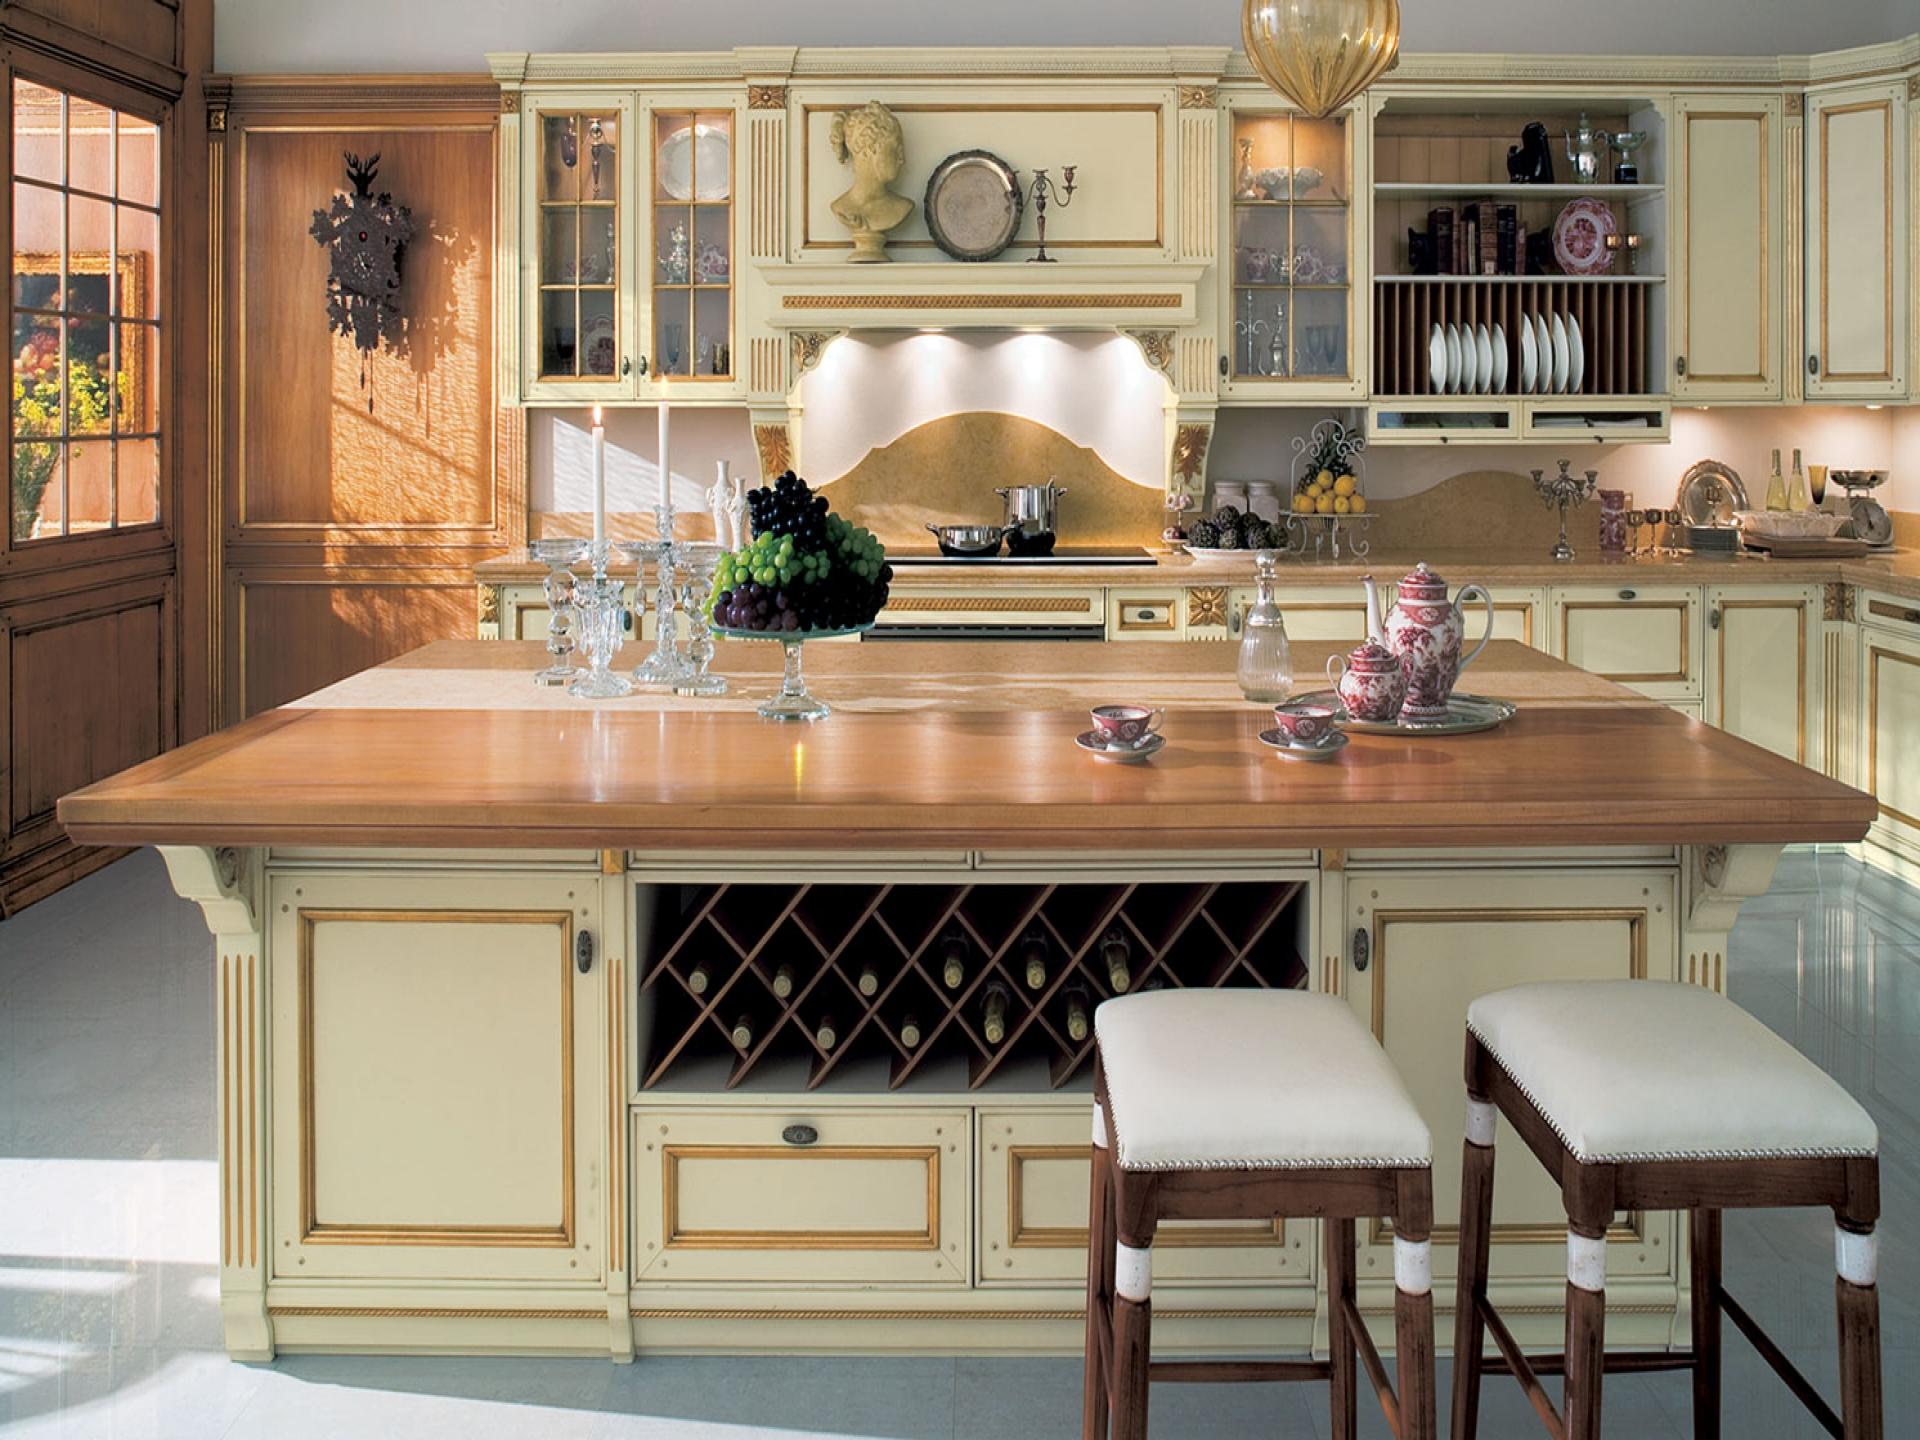 Кухня в итальянском стиле идеально впишется в классический интерьер квартиры